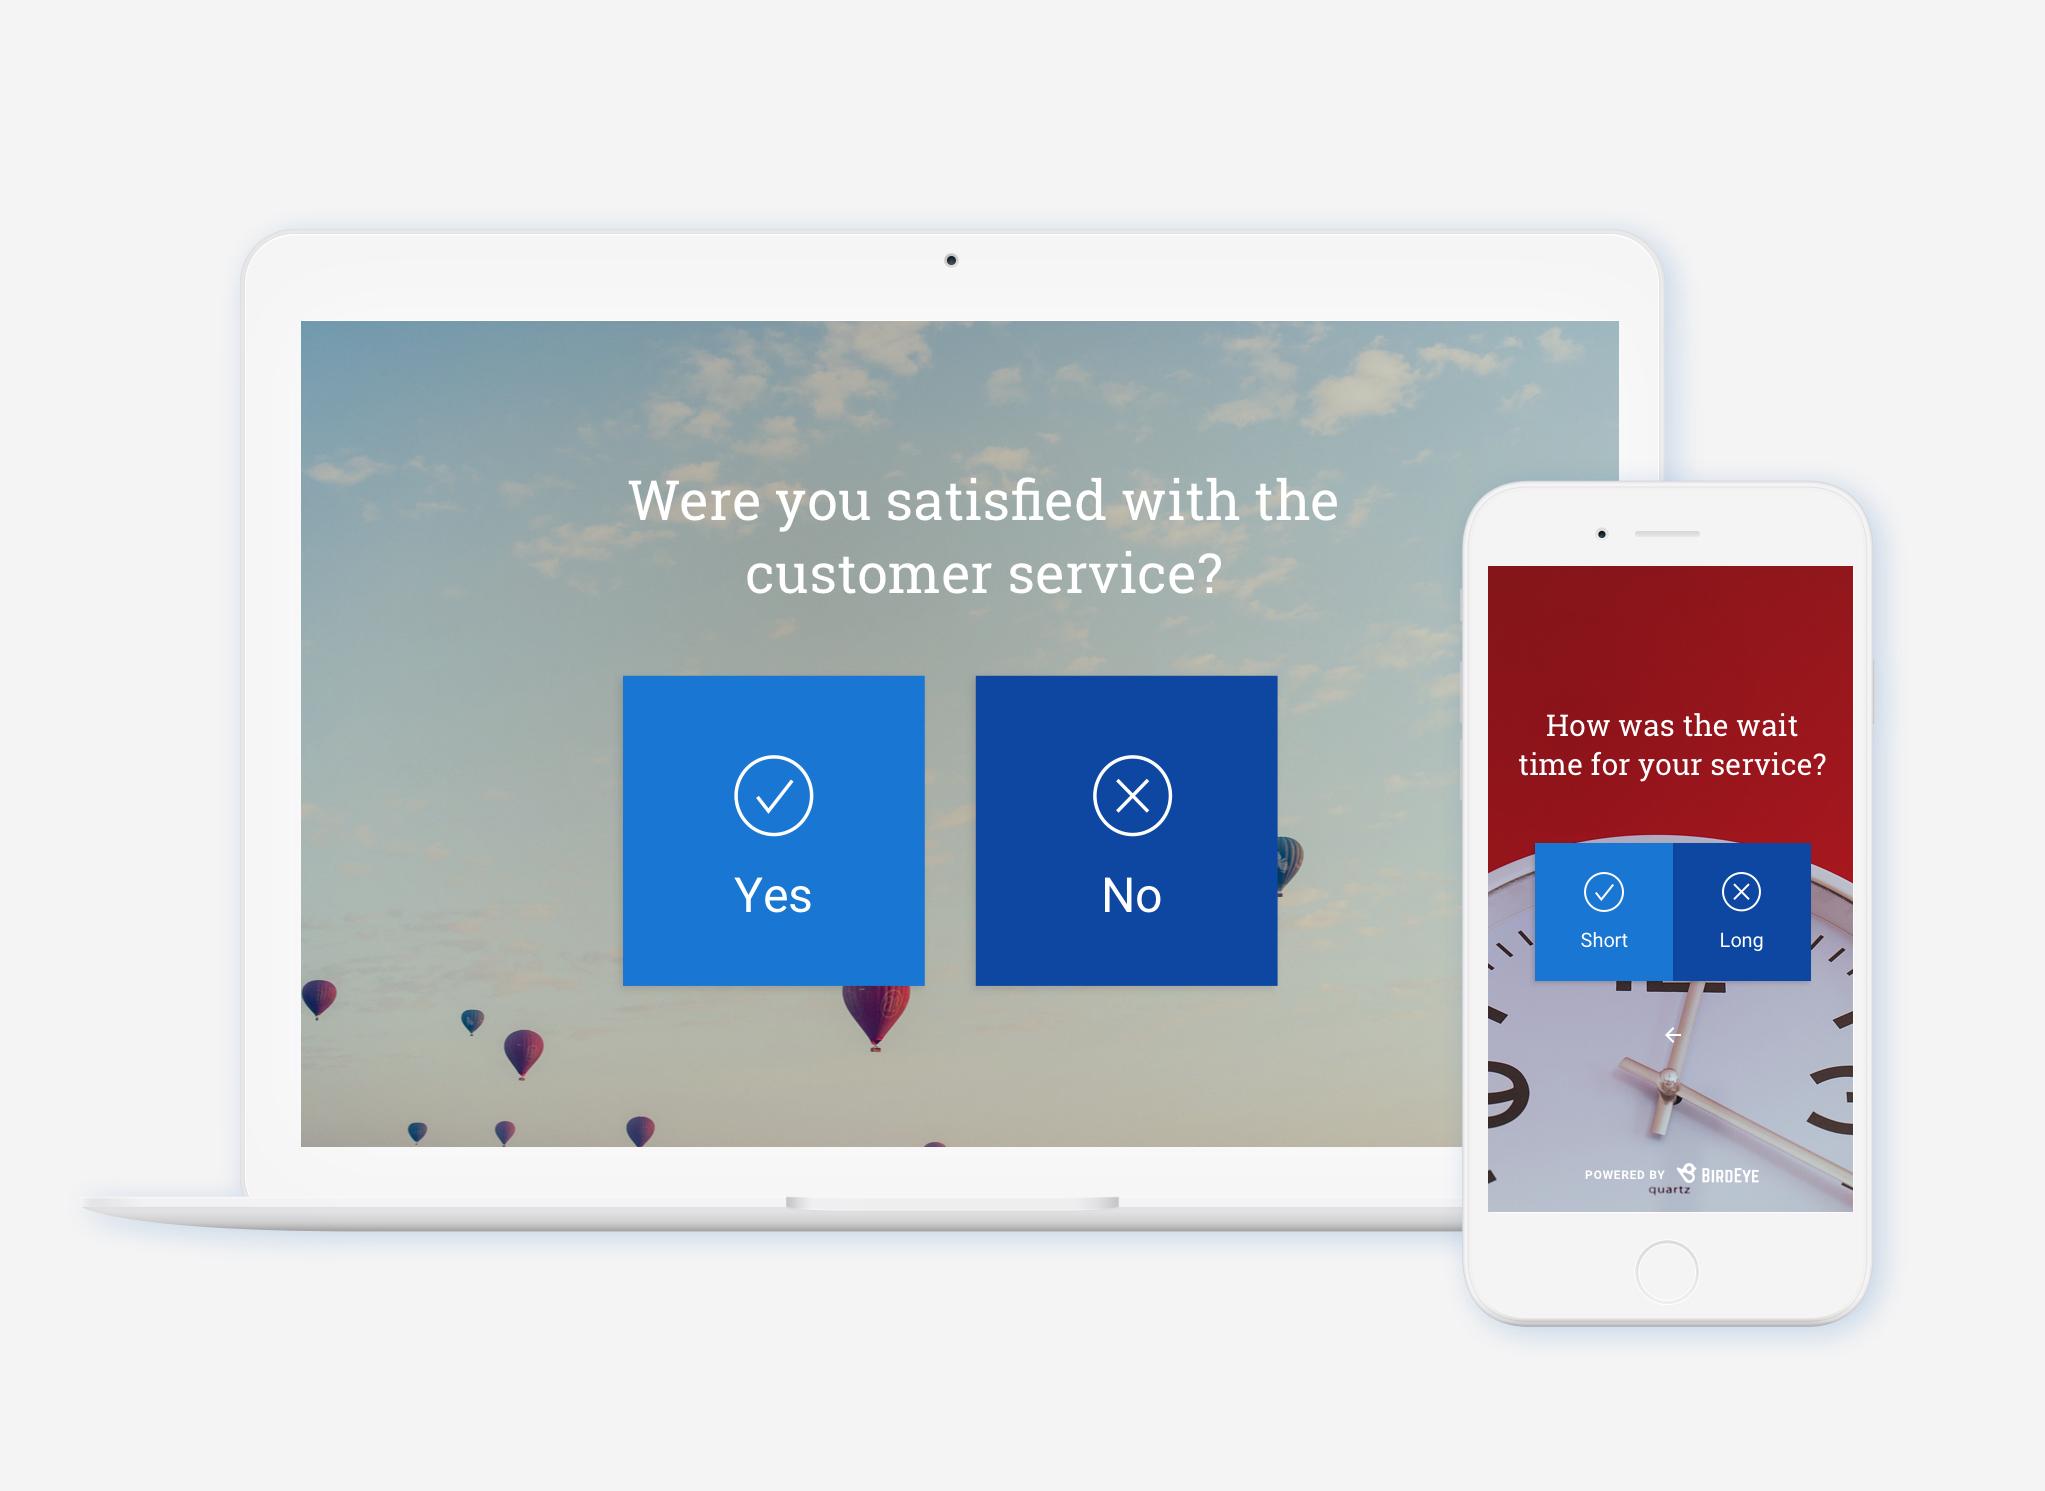 Survey_feature image